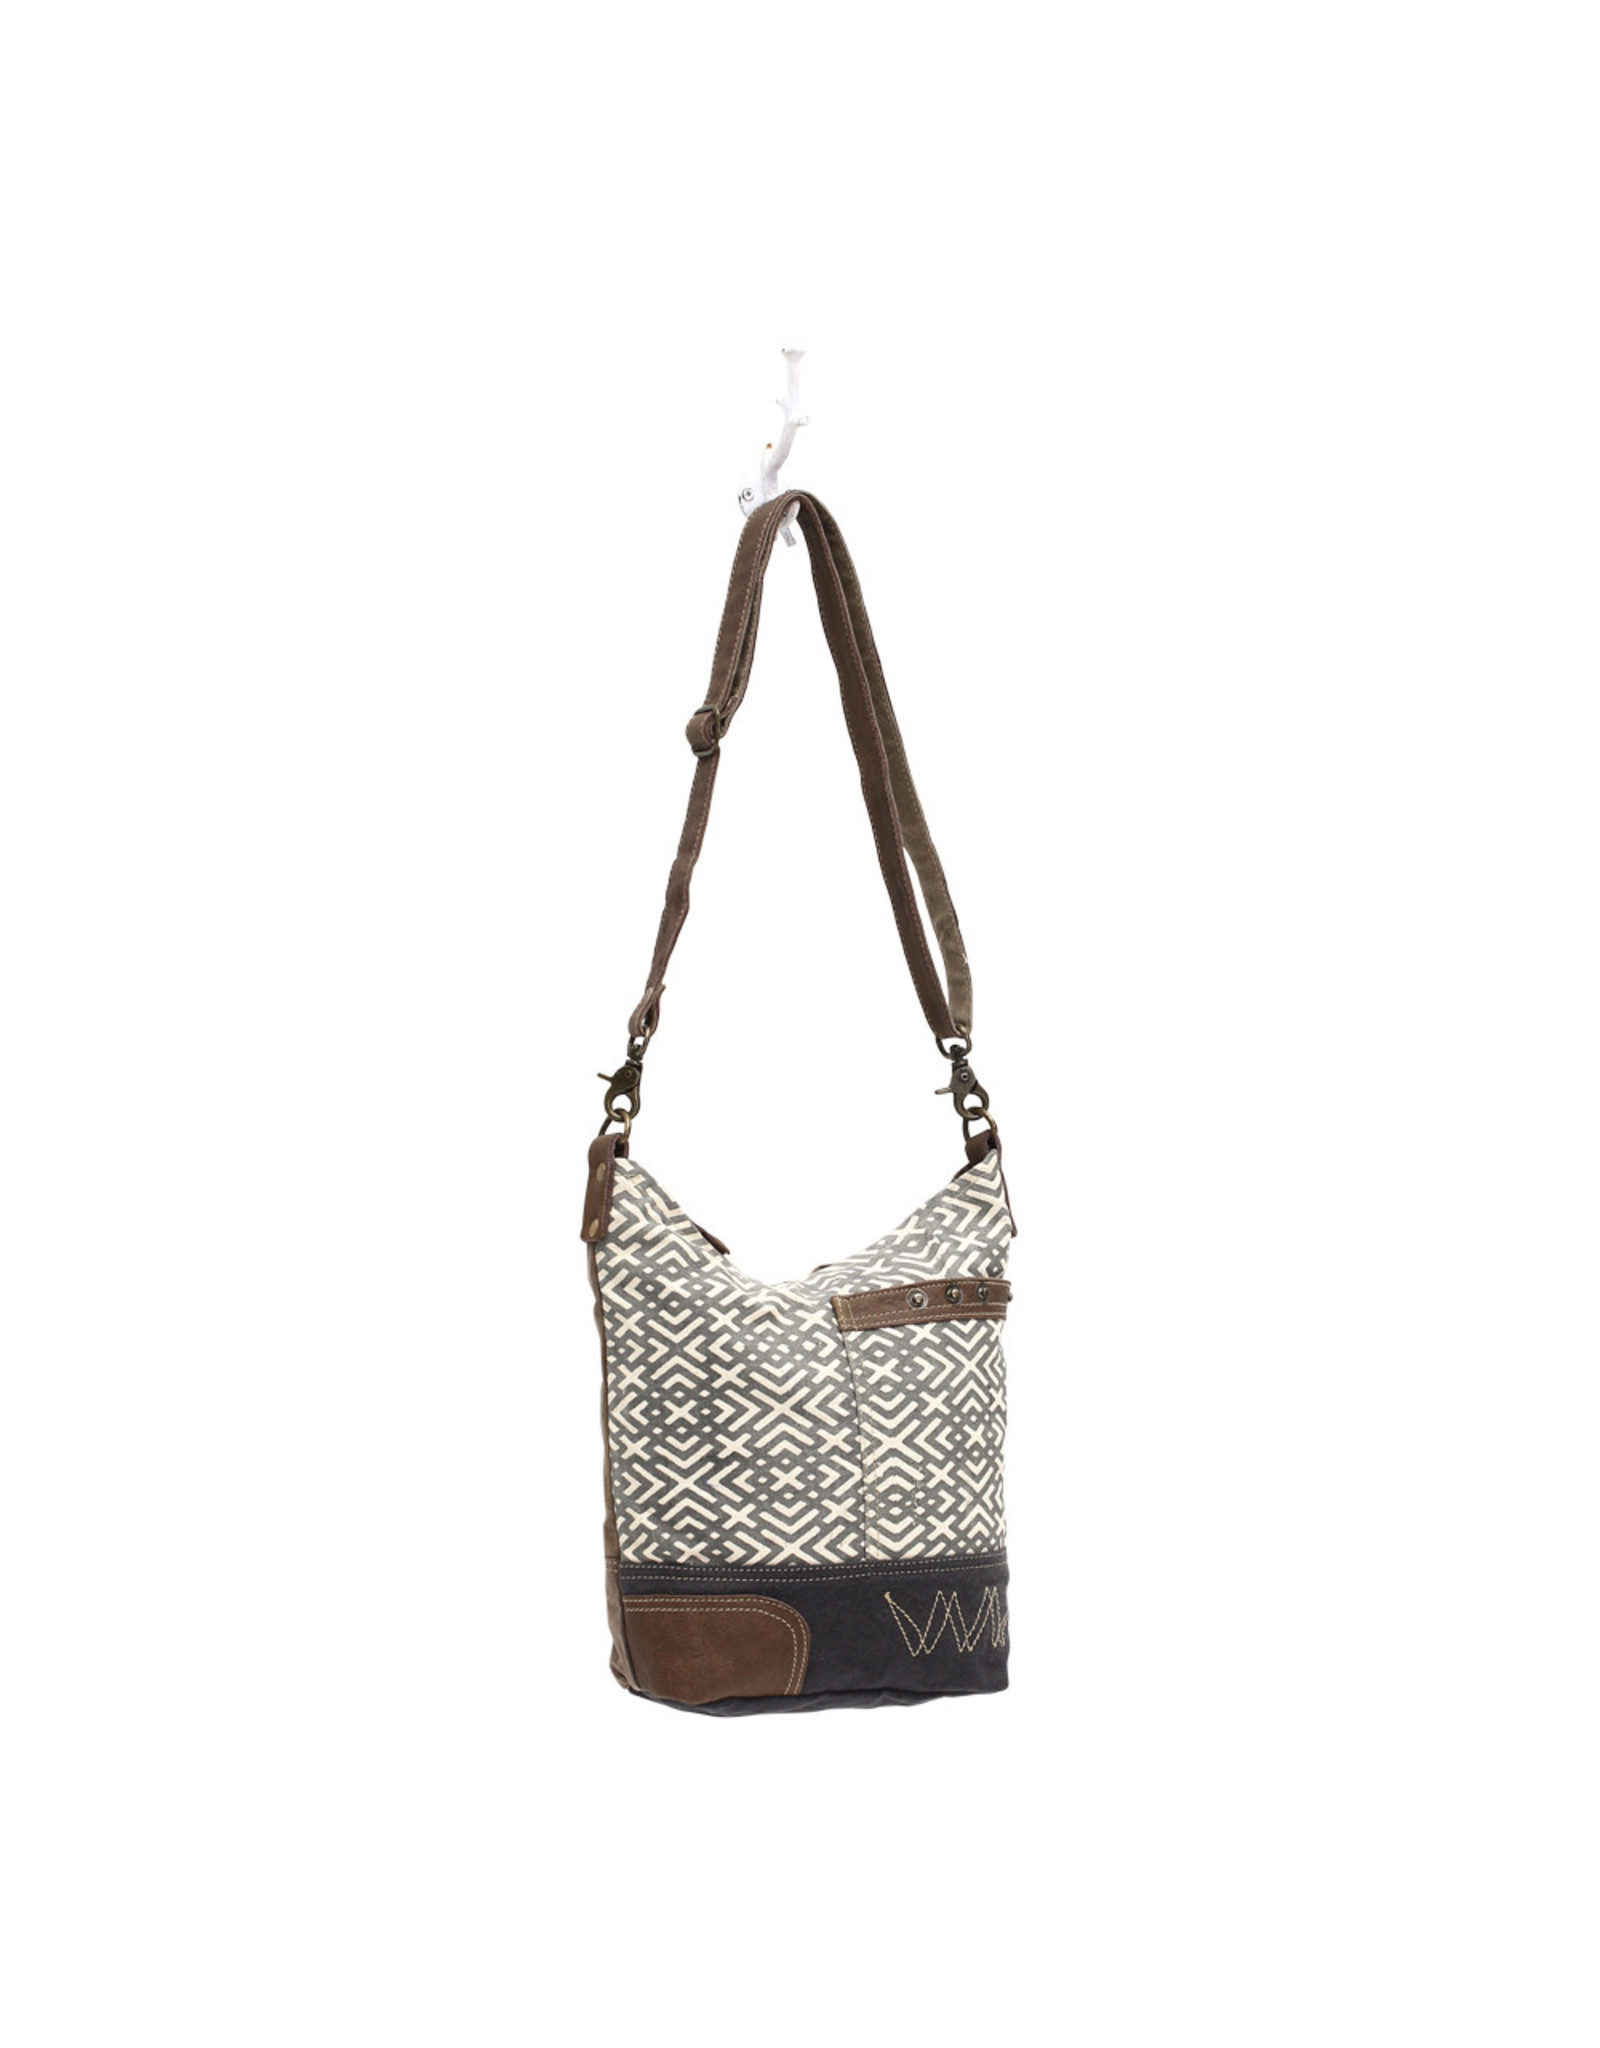 Myra Bags S-0951 X Design Bag